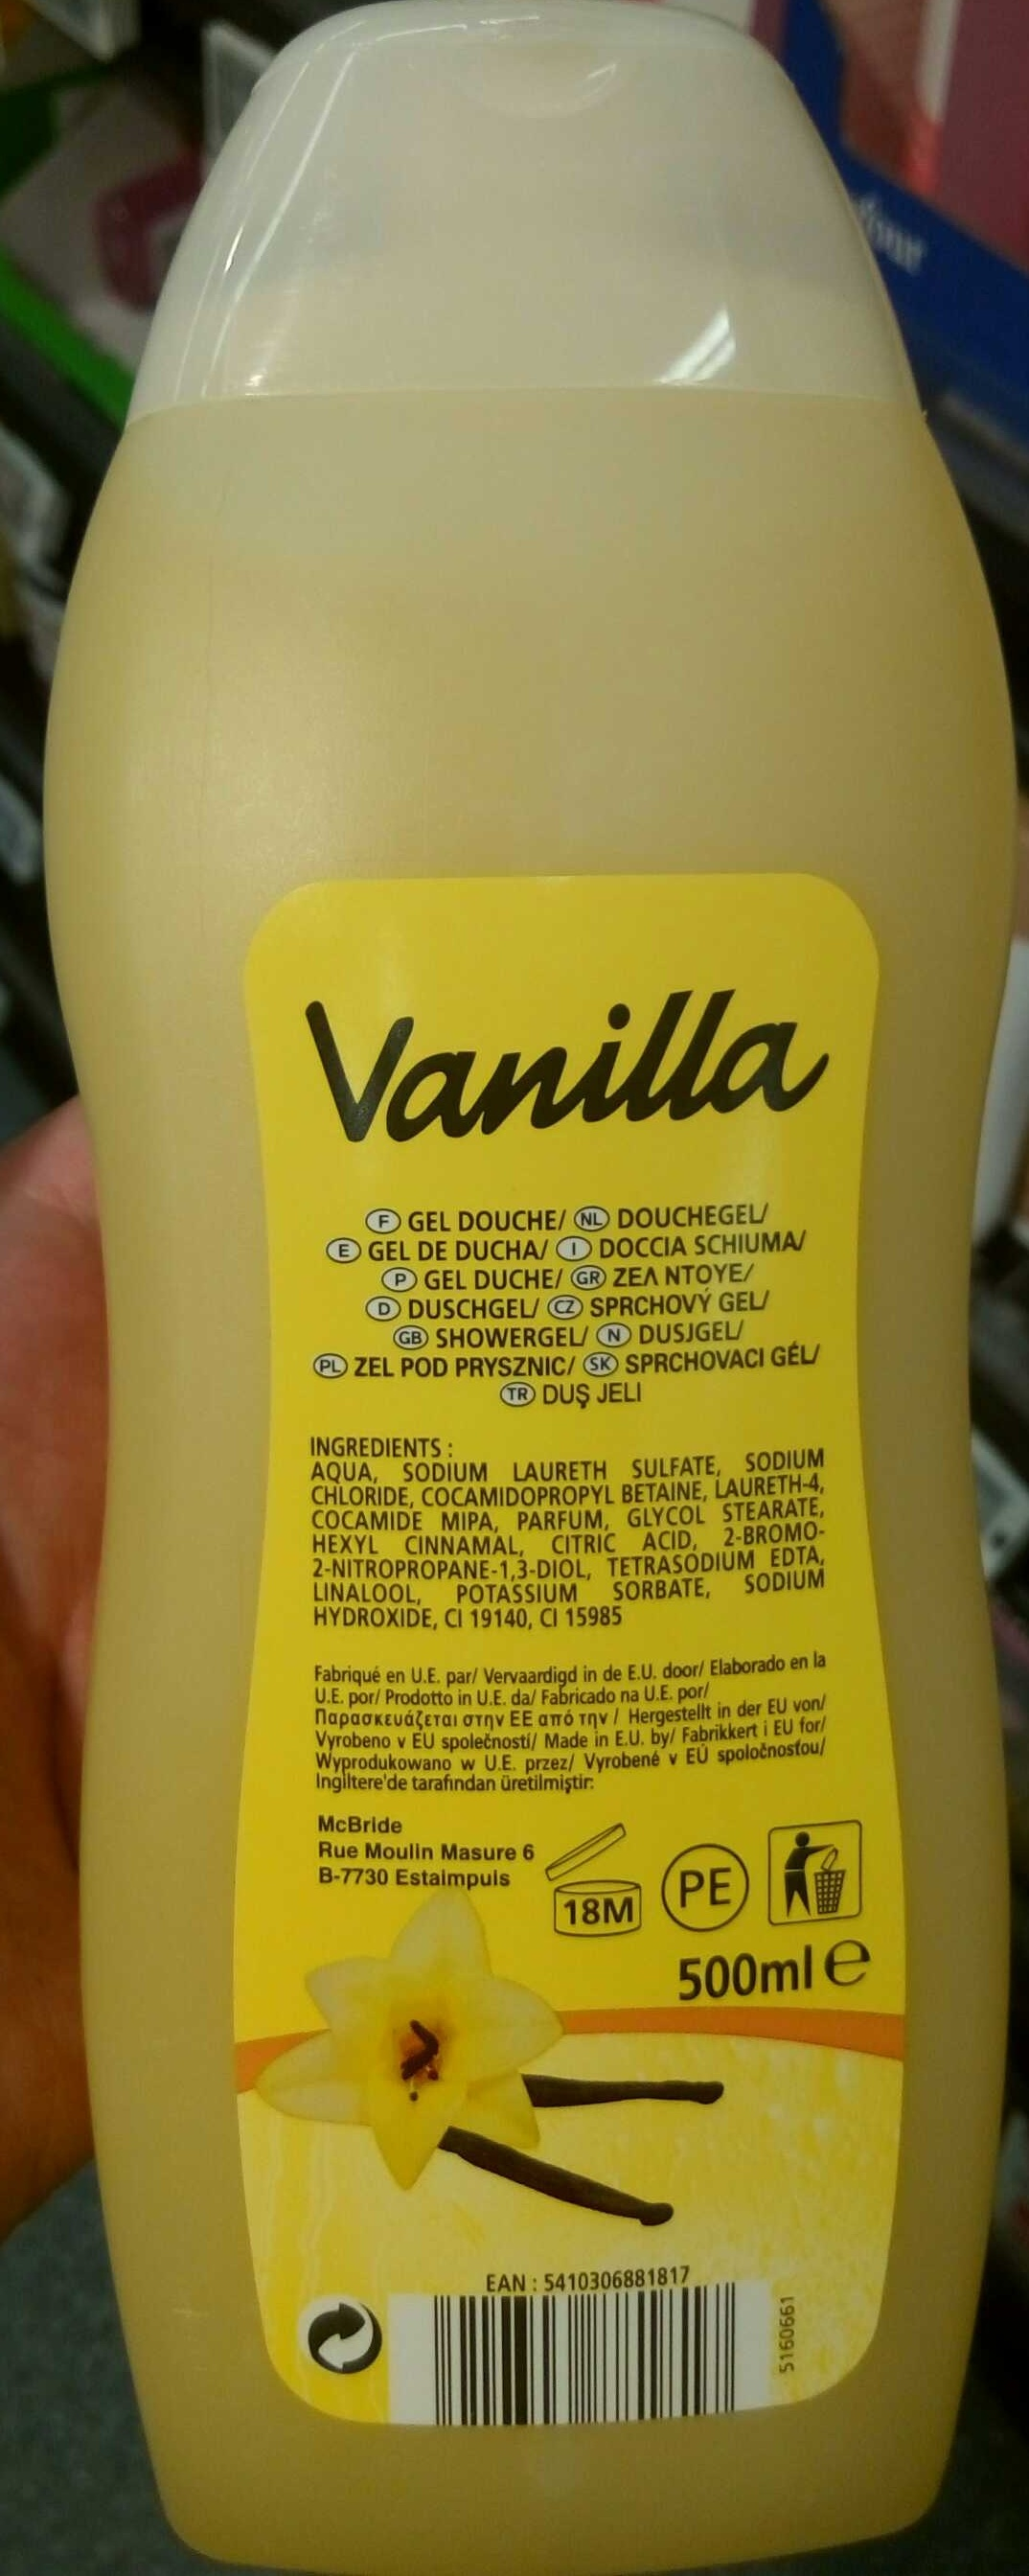 Vanilla - Produit - fr